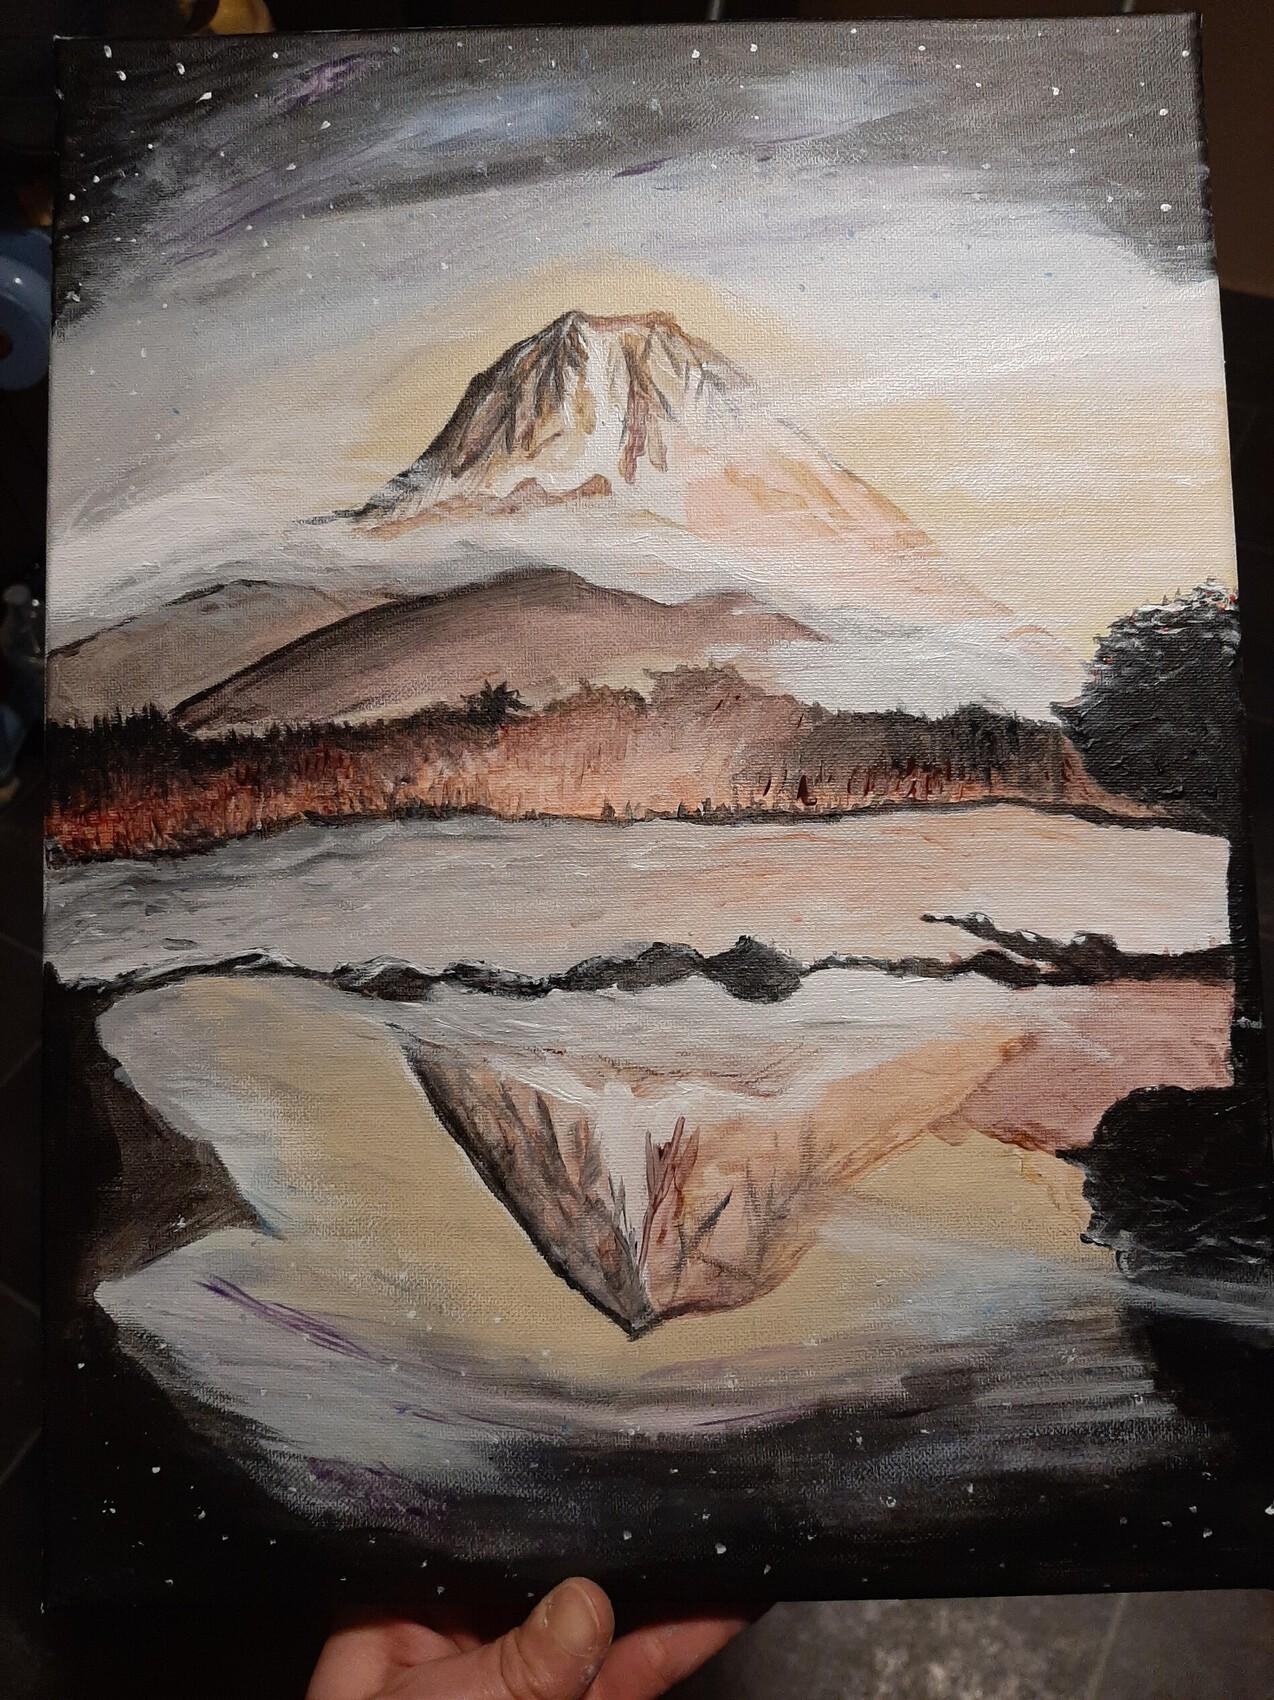 Montagne étoilées